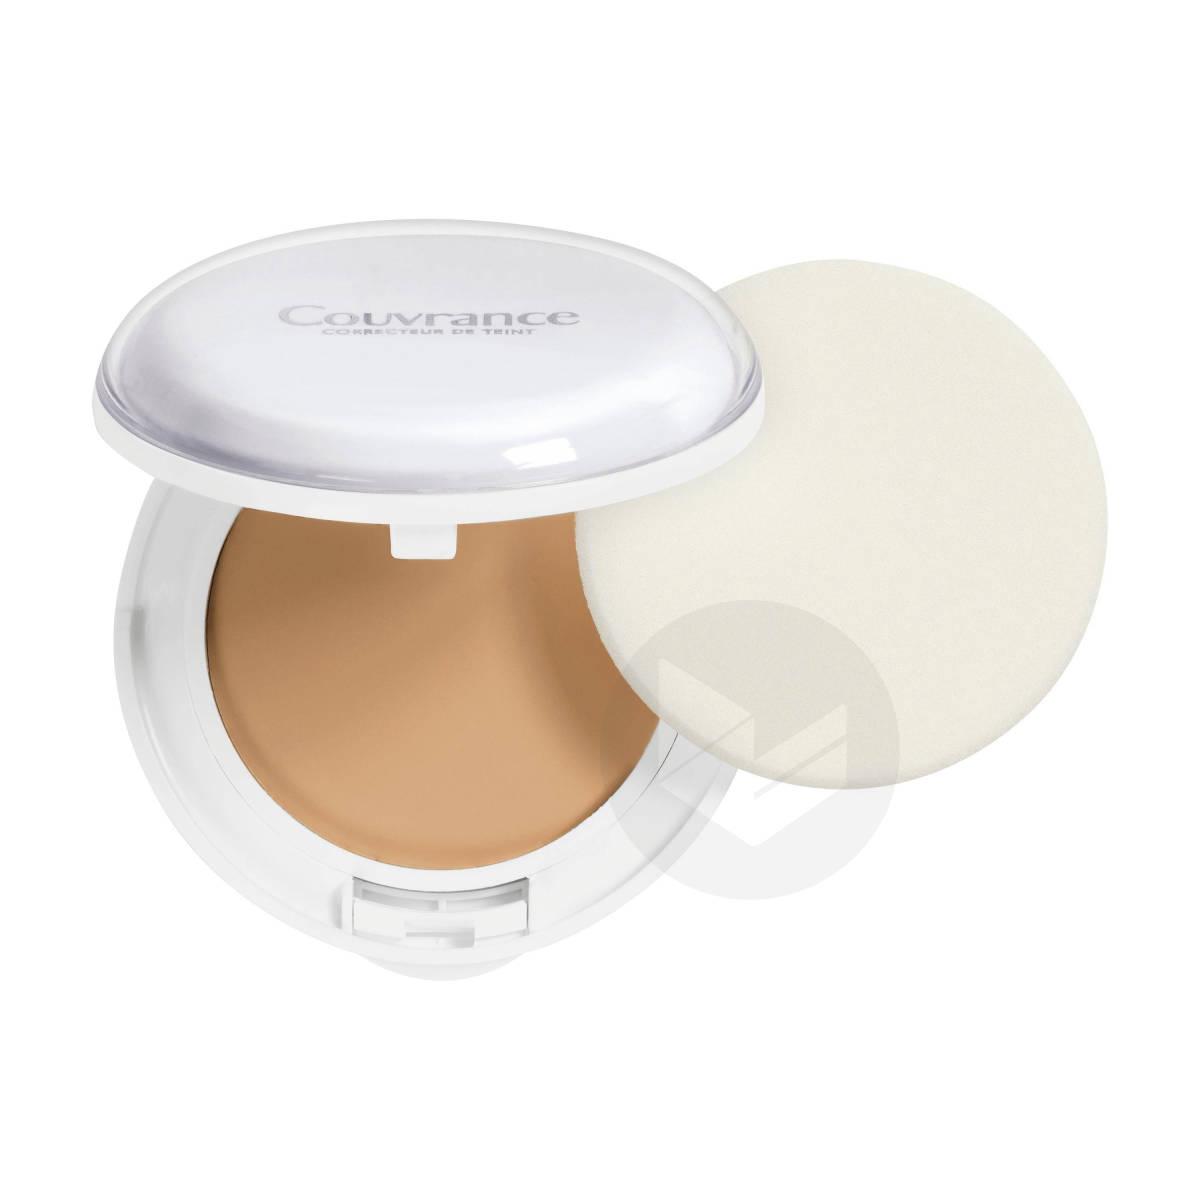 Crème De Teint Compacte Confort Fini Velouté Naturel Sable N°3.0 - Peaux Claires A Dorées Et Sensibles 10g